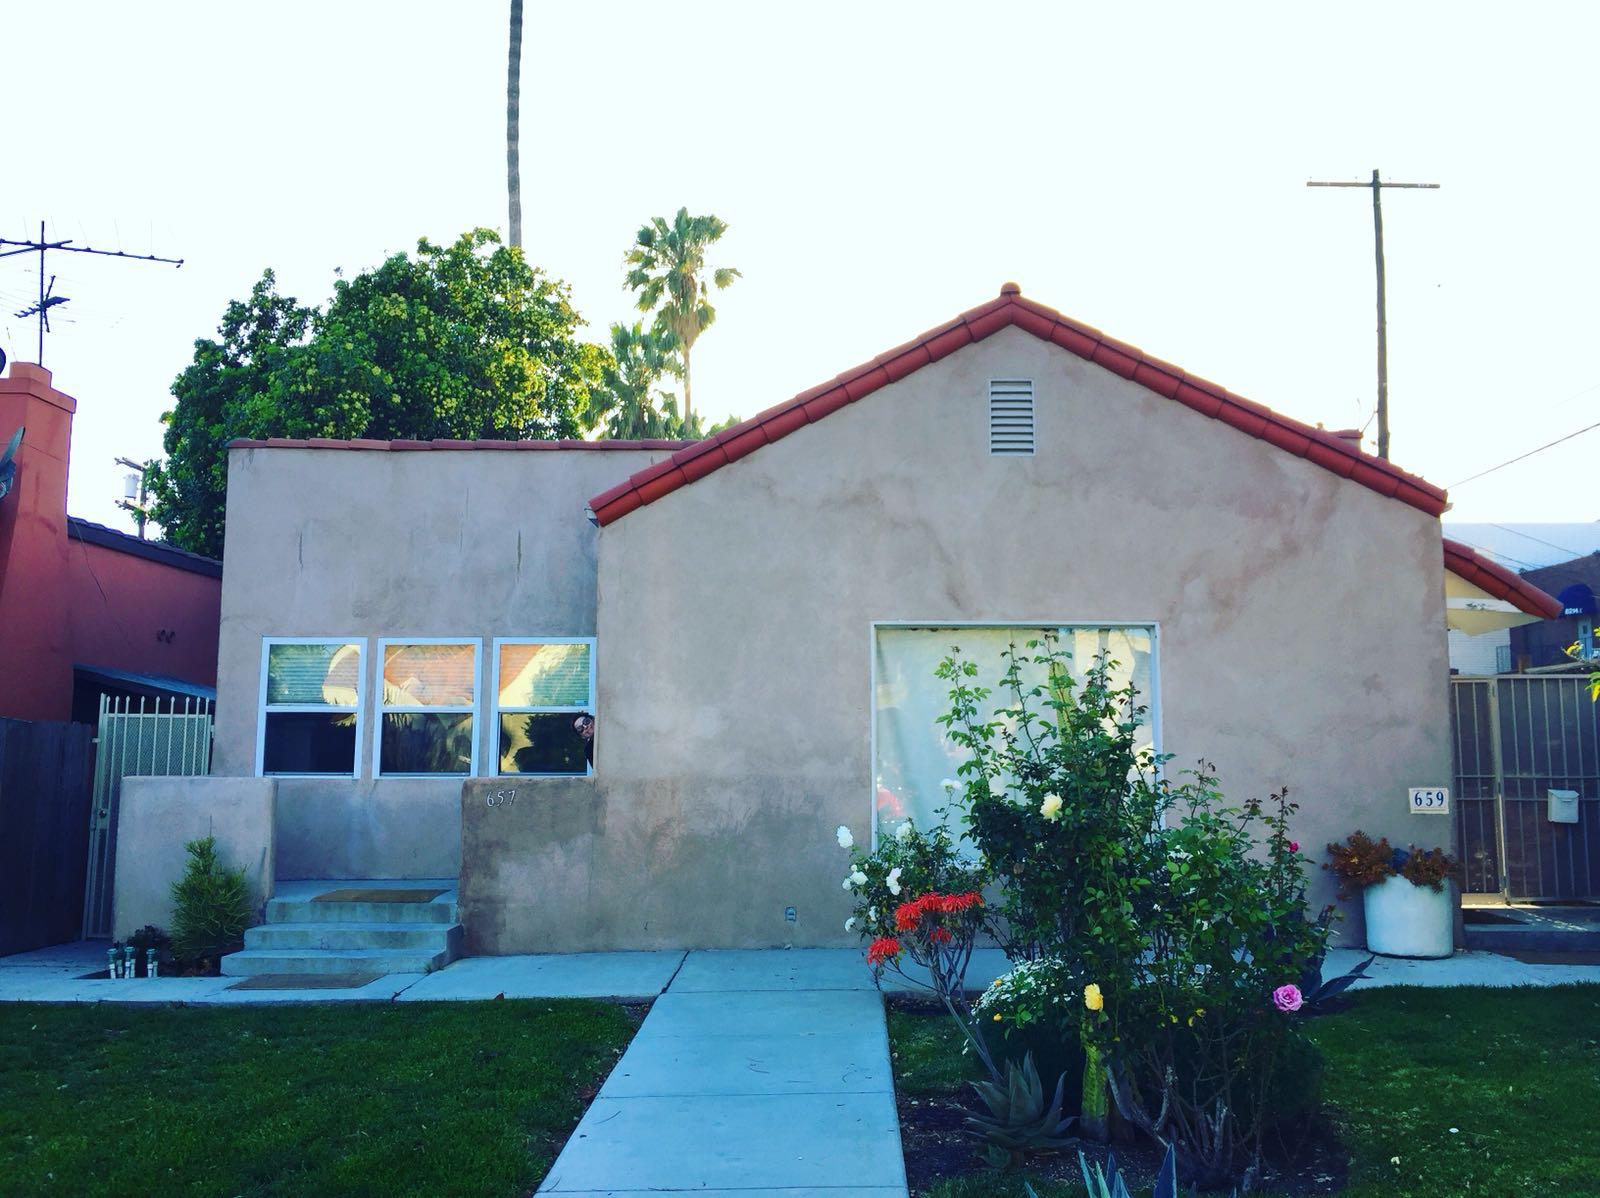 casa - Los Angeles